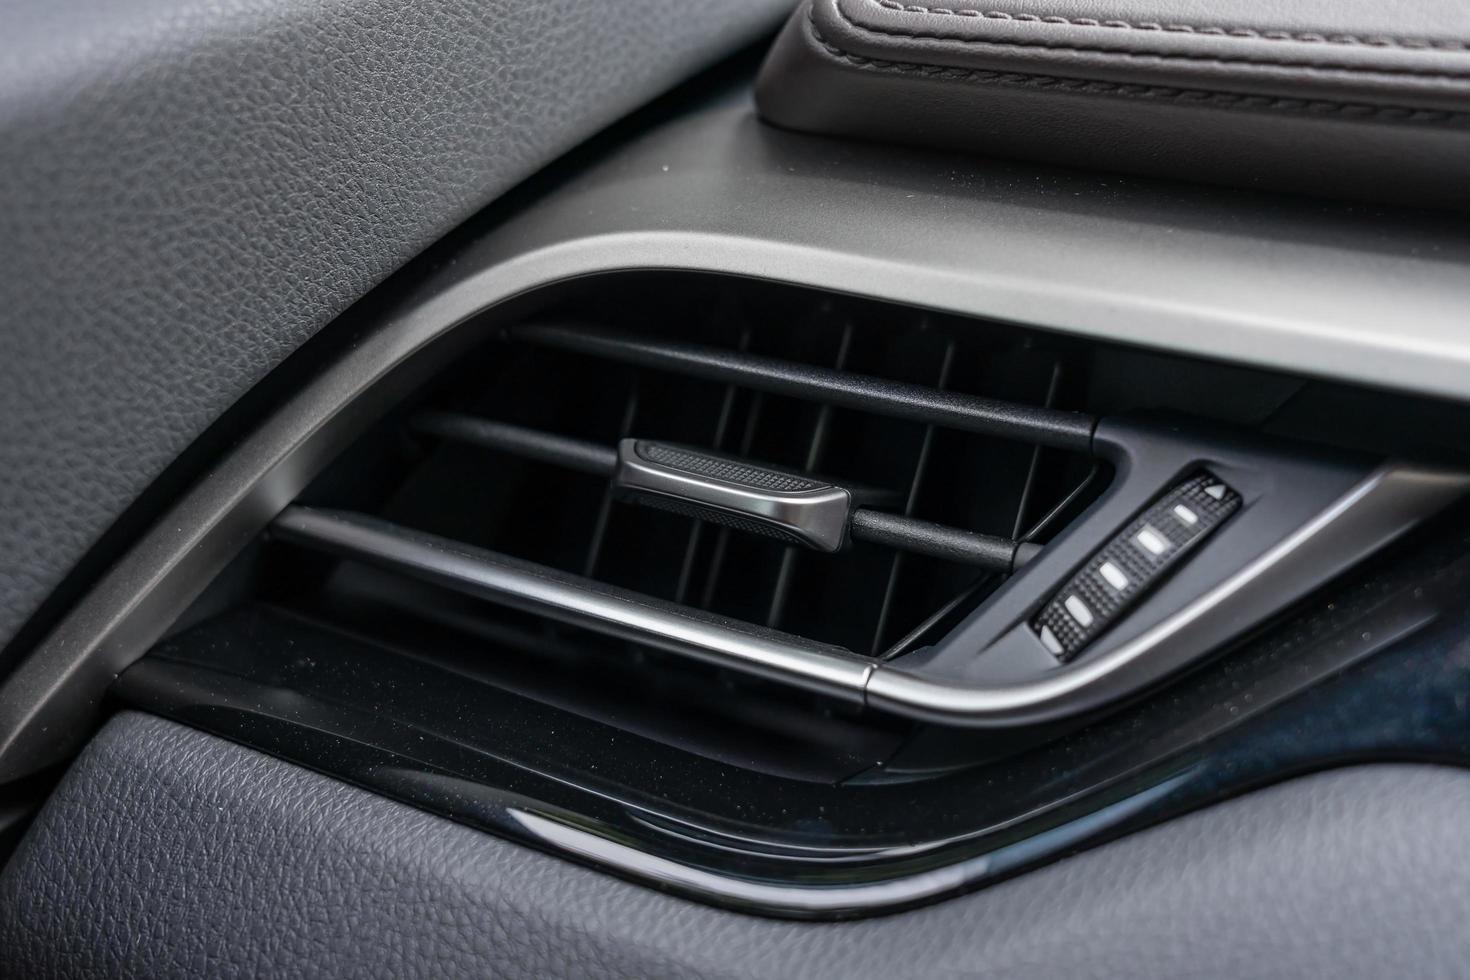 gros plan du climatiseur dans la voiture photo